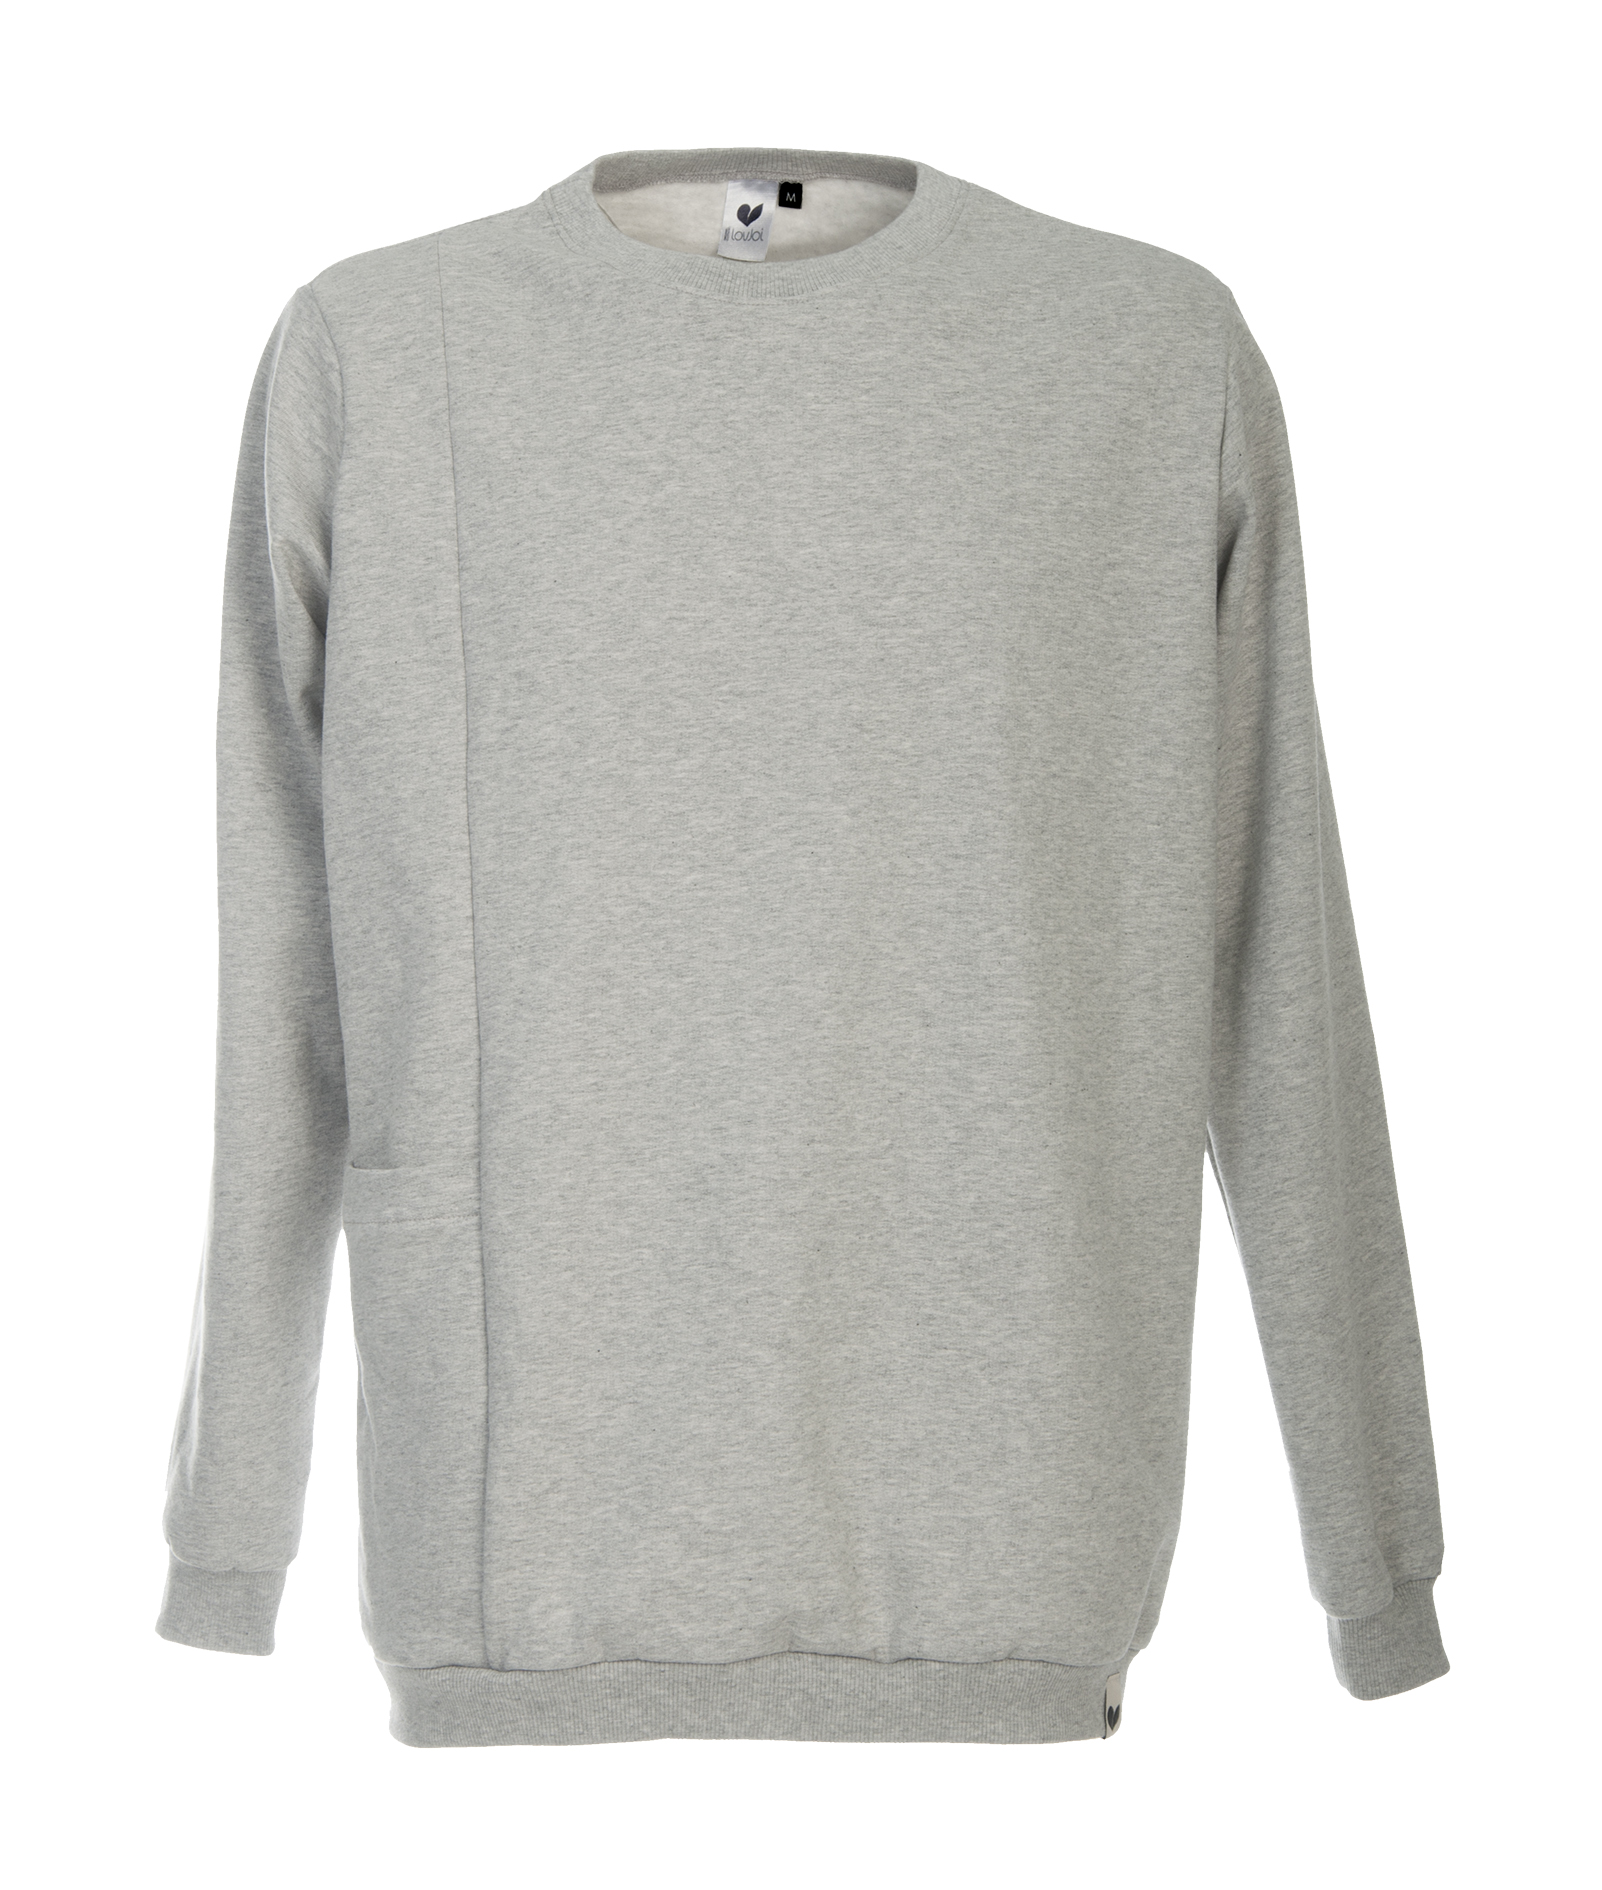 18_Sweater_CHRIS_grau_v